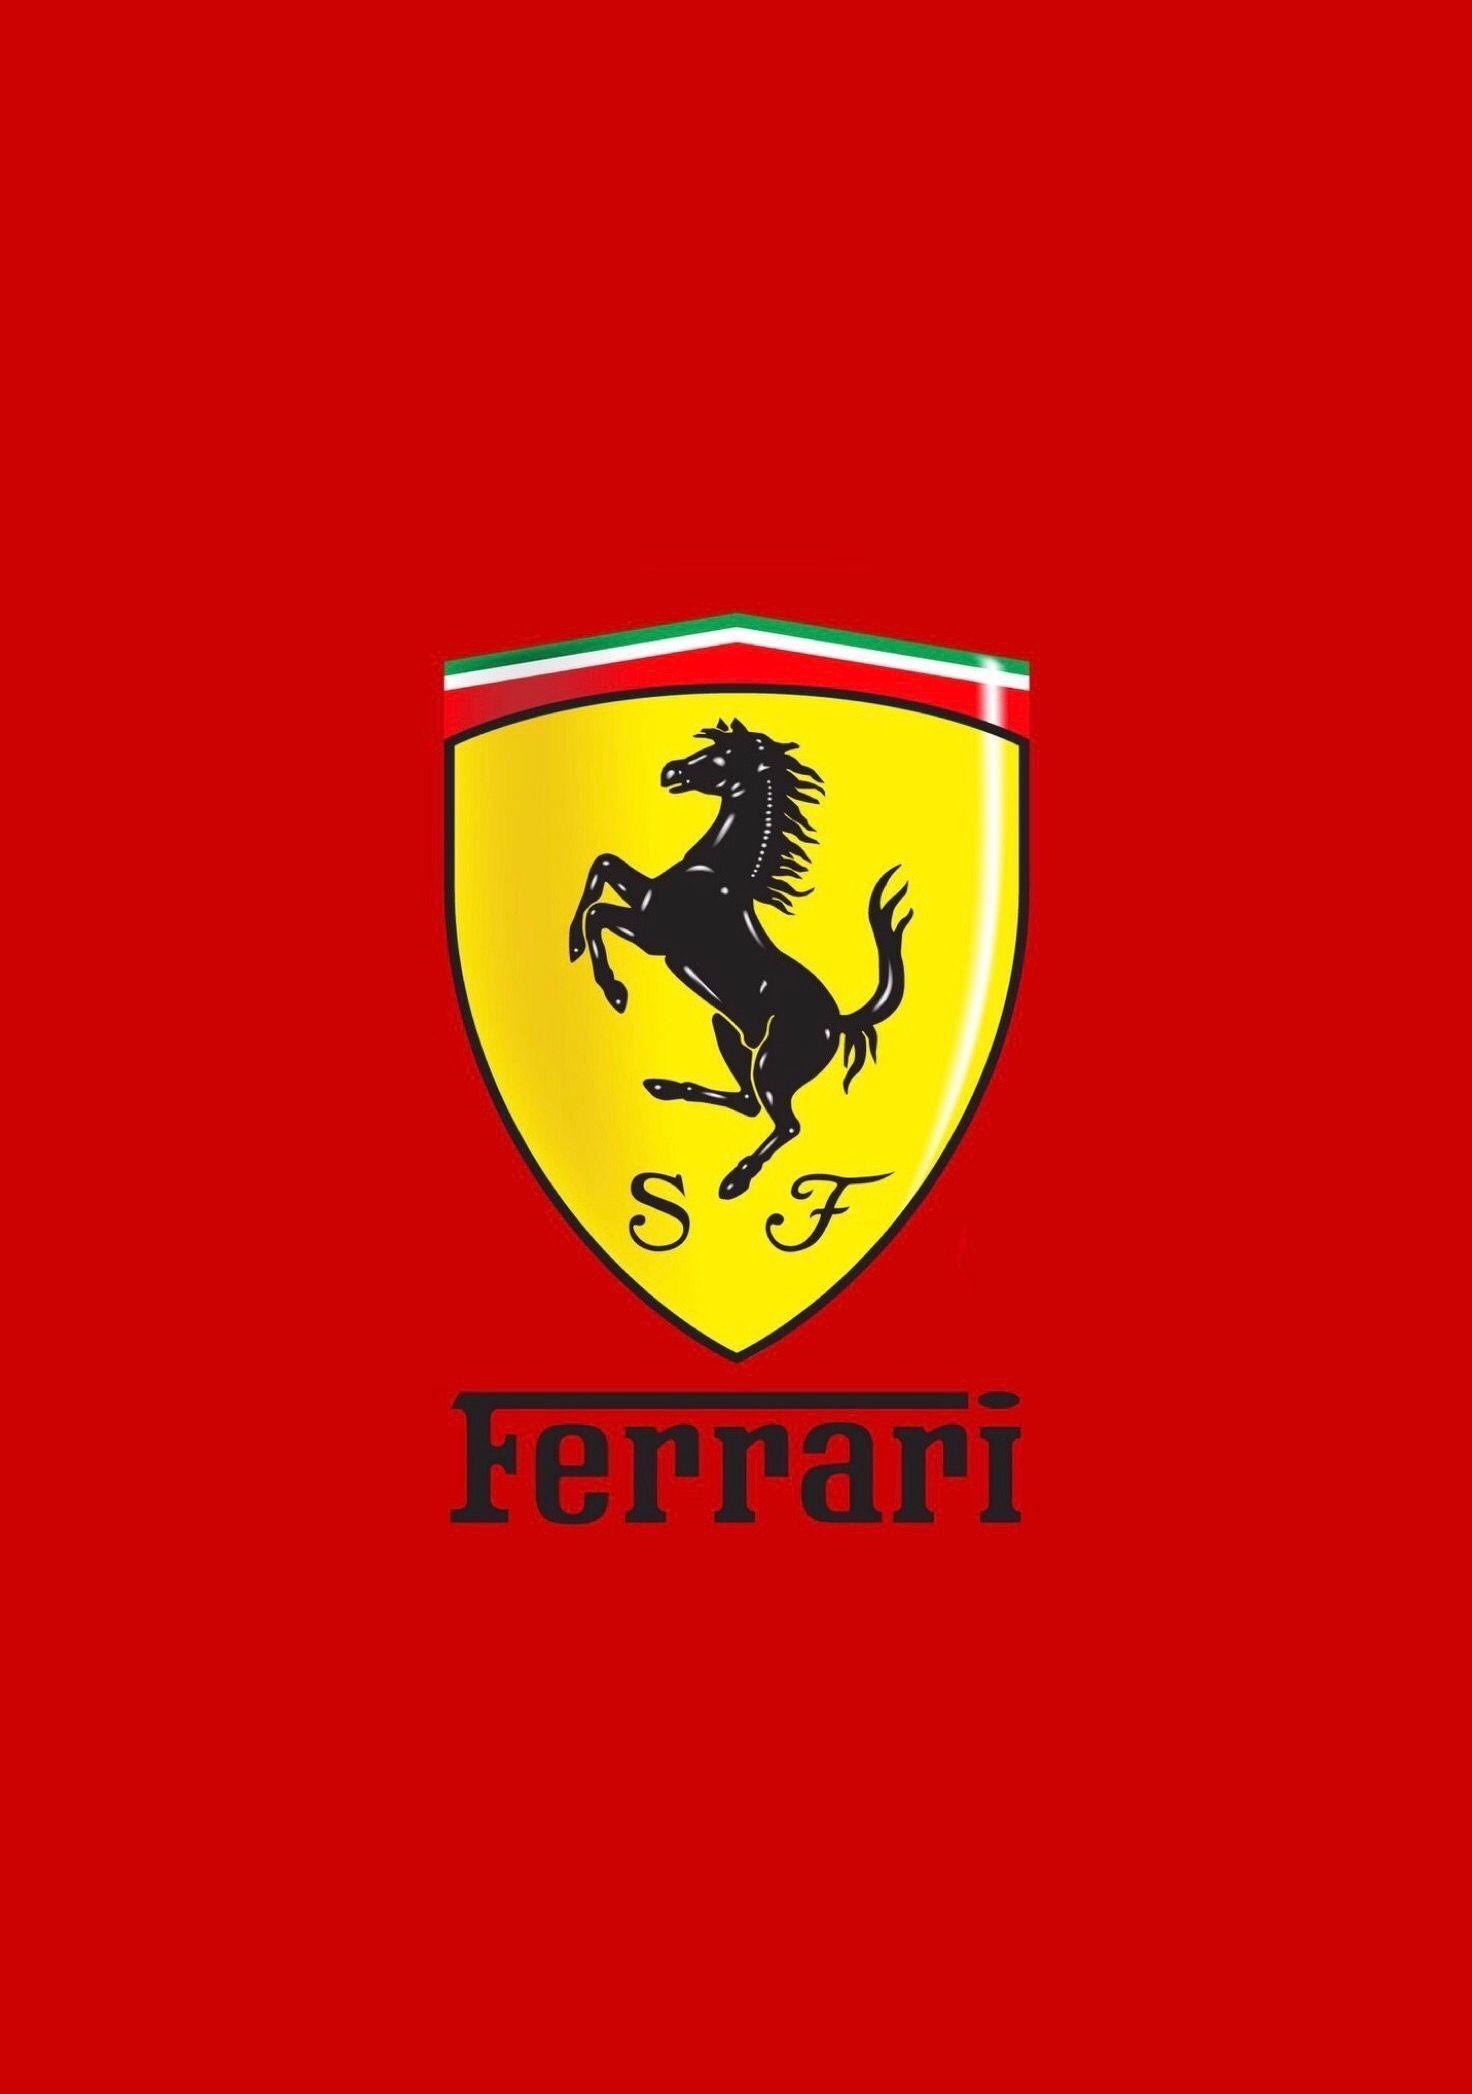 Ferrari Logo Iphone Wallpapers Top Free Ferrari Logo Iphone Backgrounds Wallpaperaccess